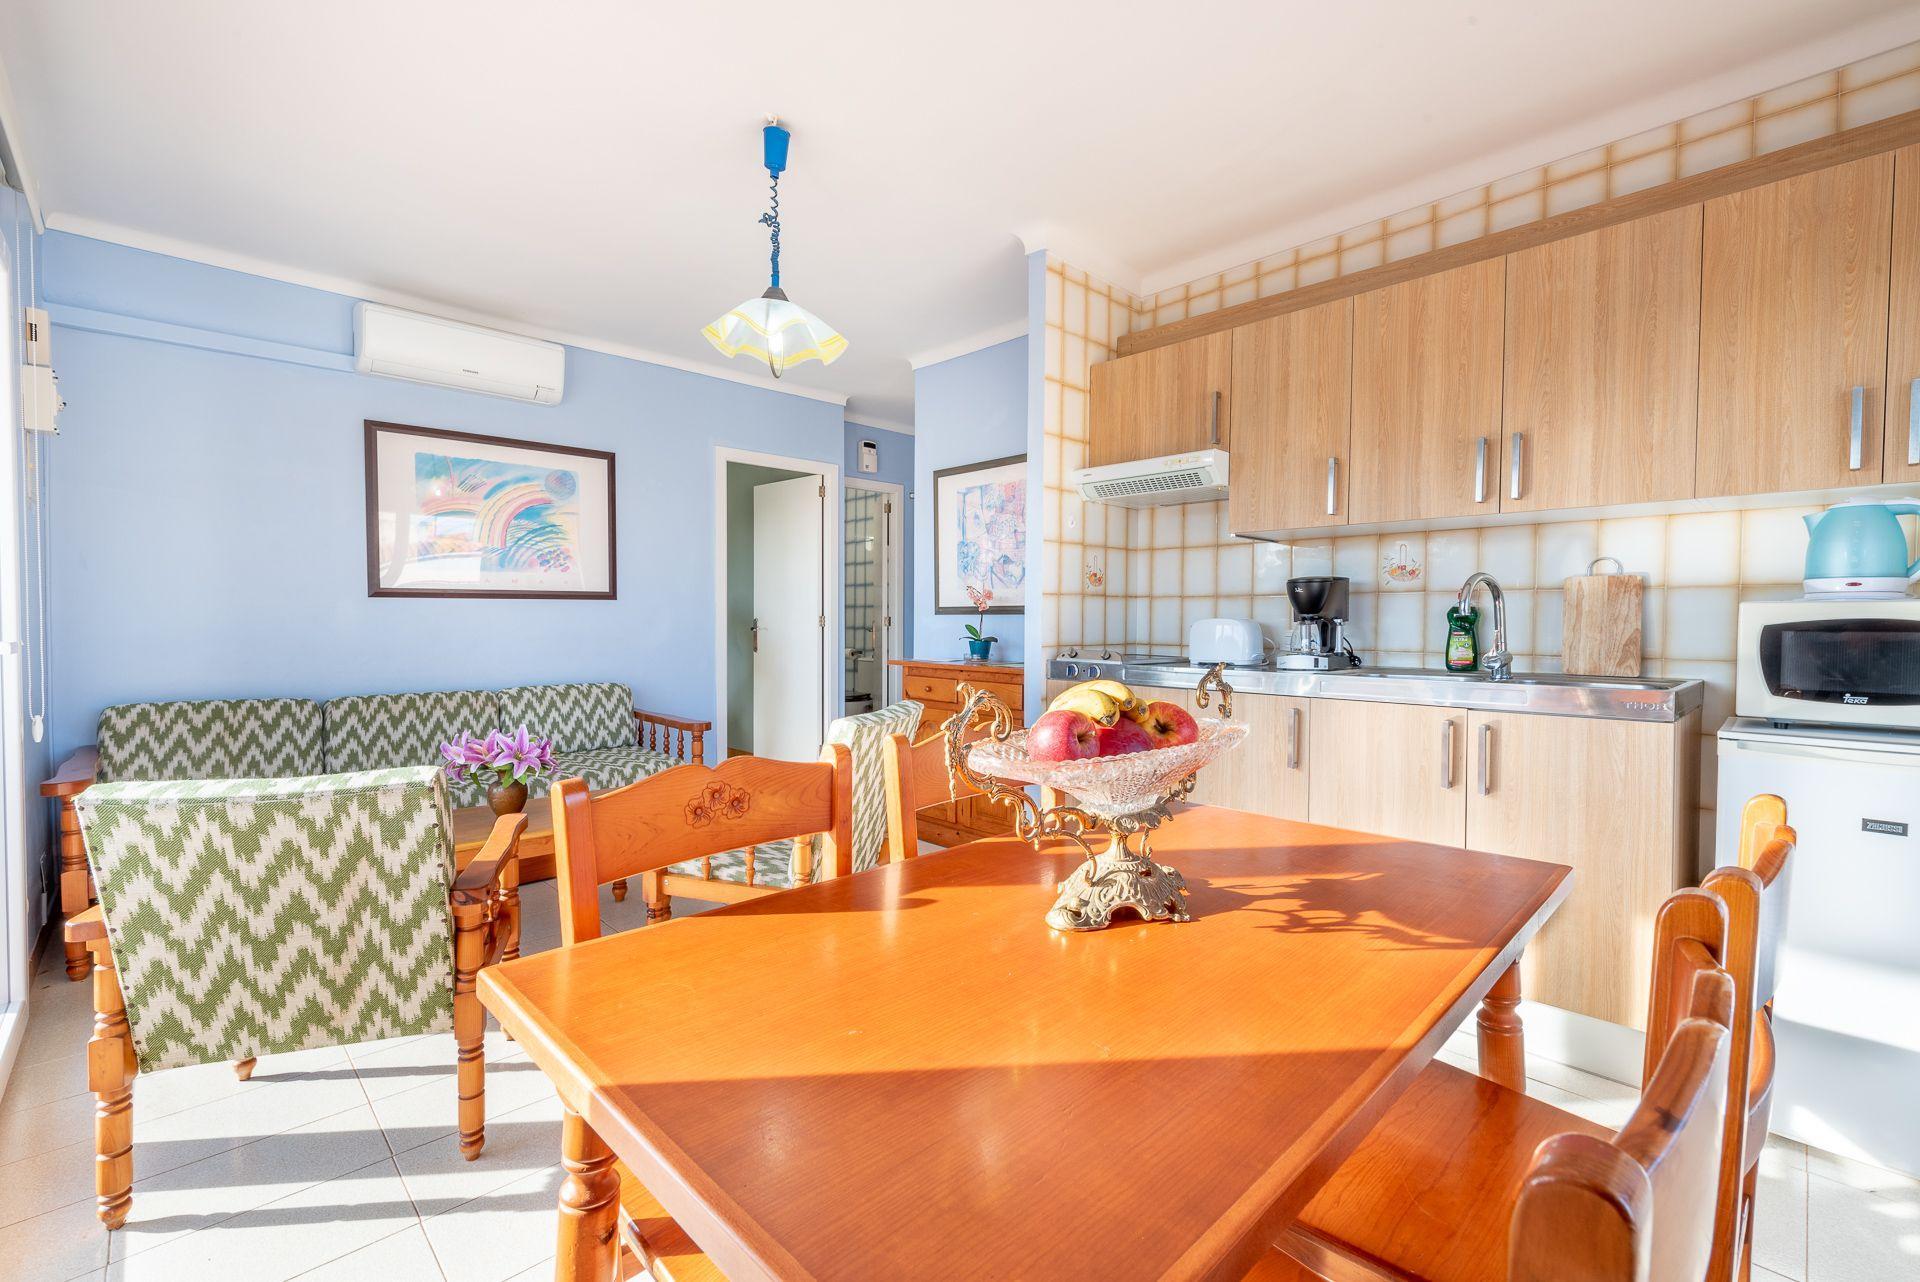 Ferienwohnung für 4 Personen ca 40 m² in Portocolom Mallorca Südostküste von Mallorca